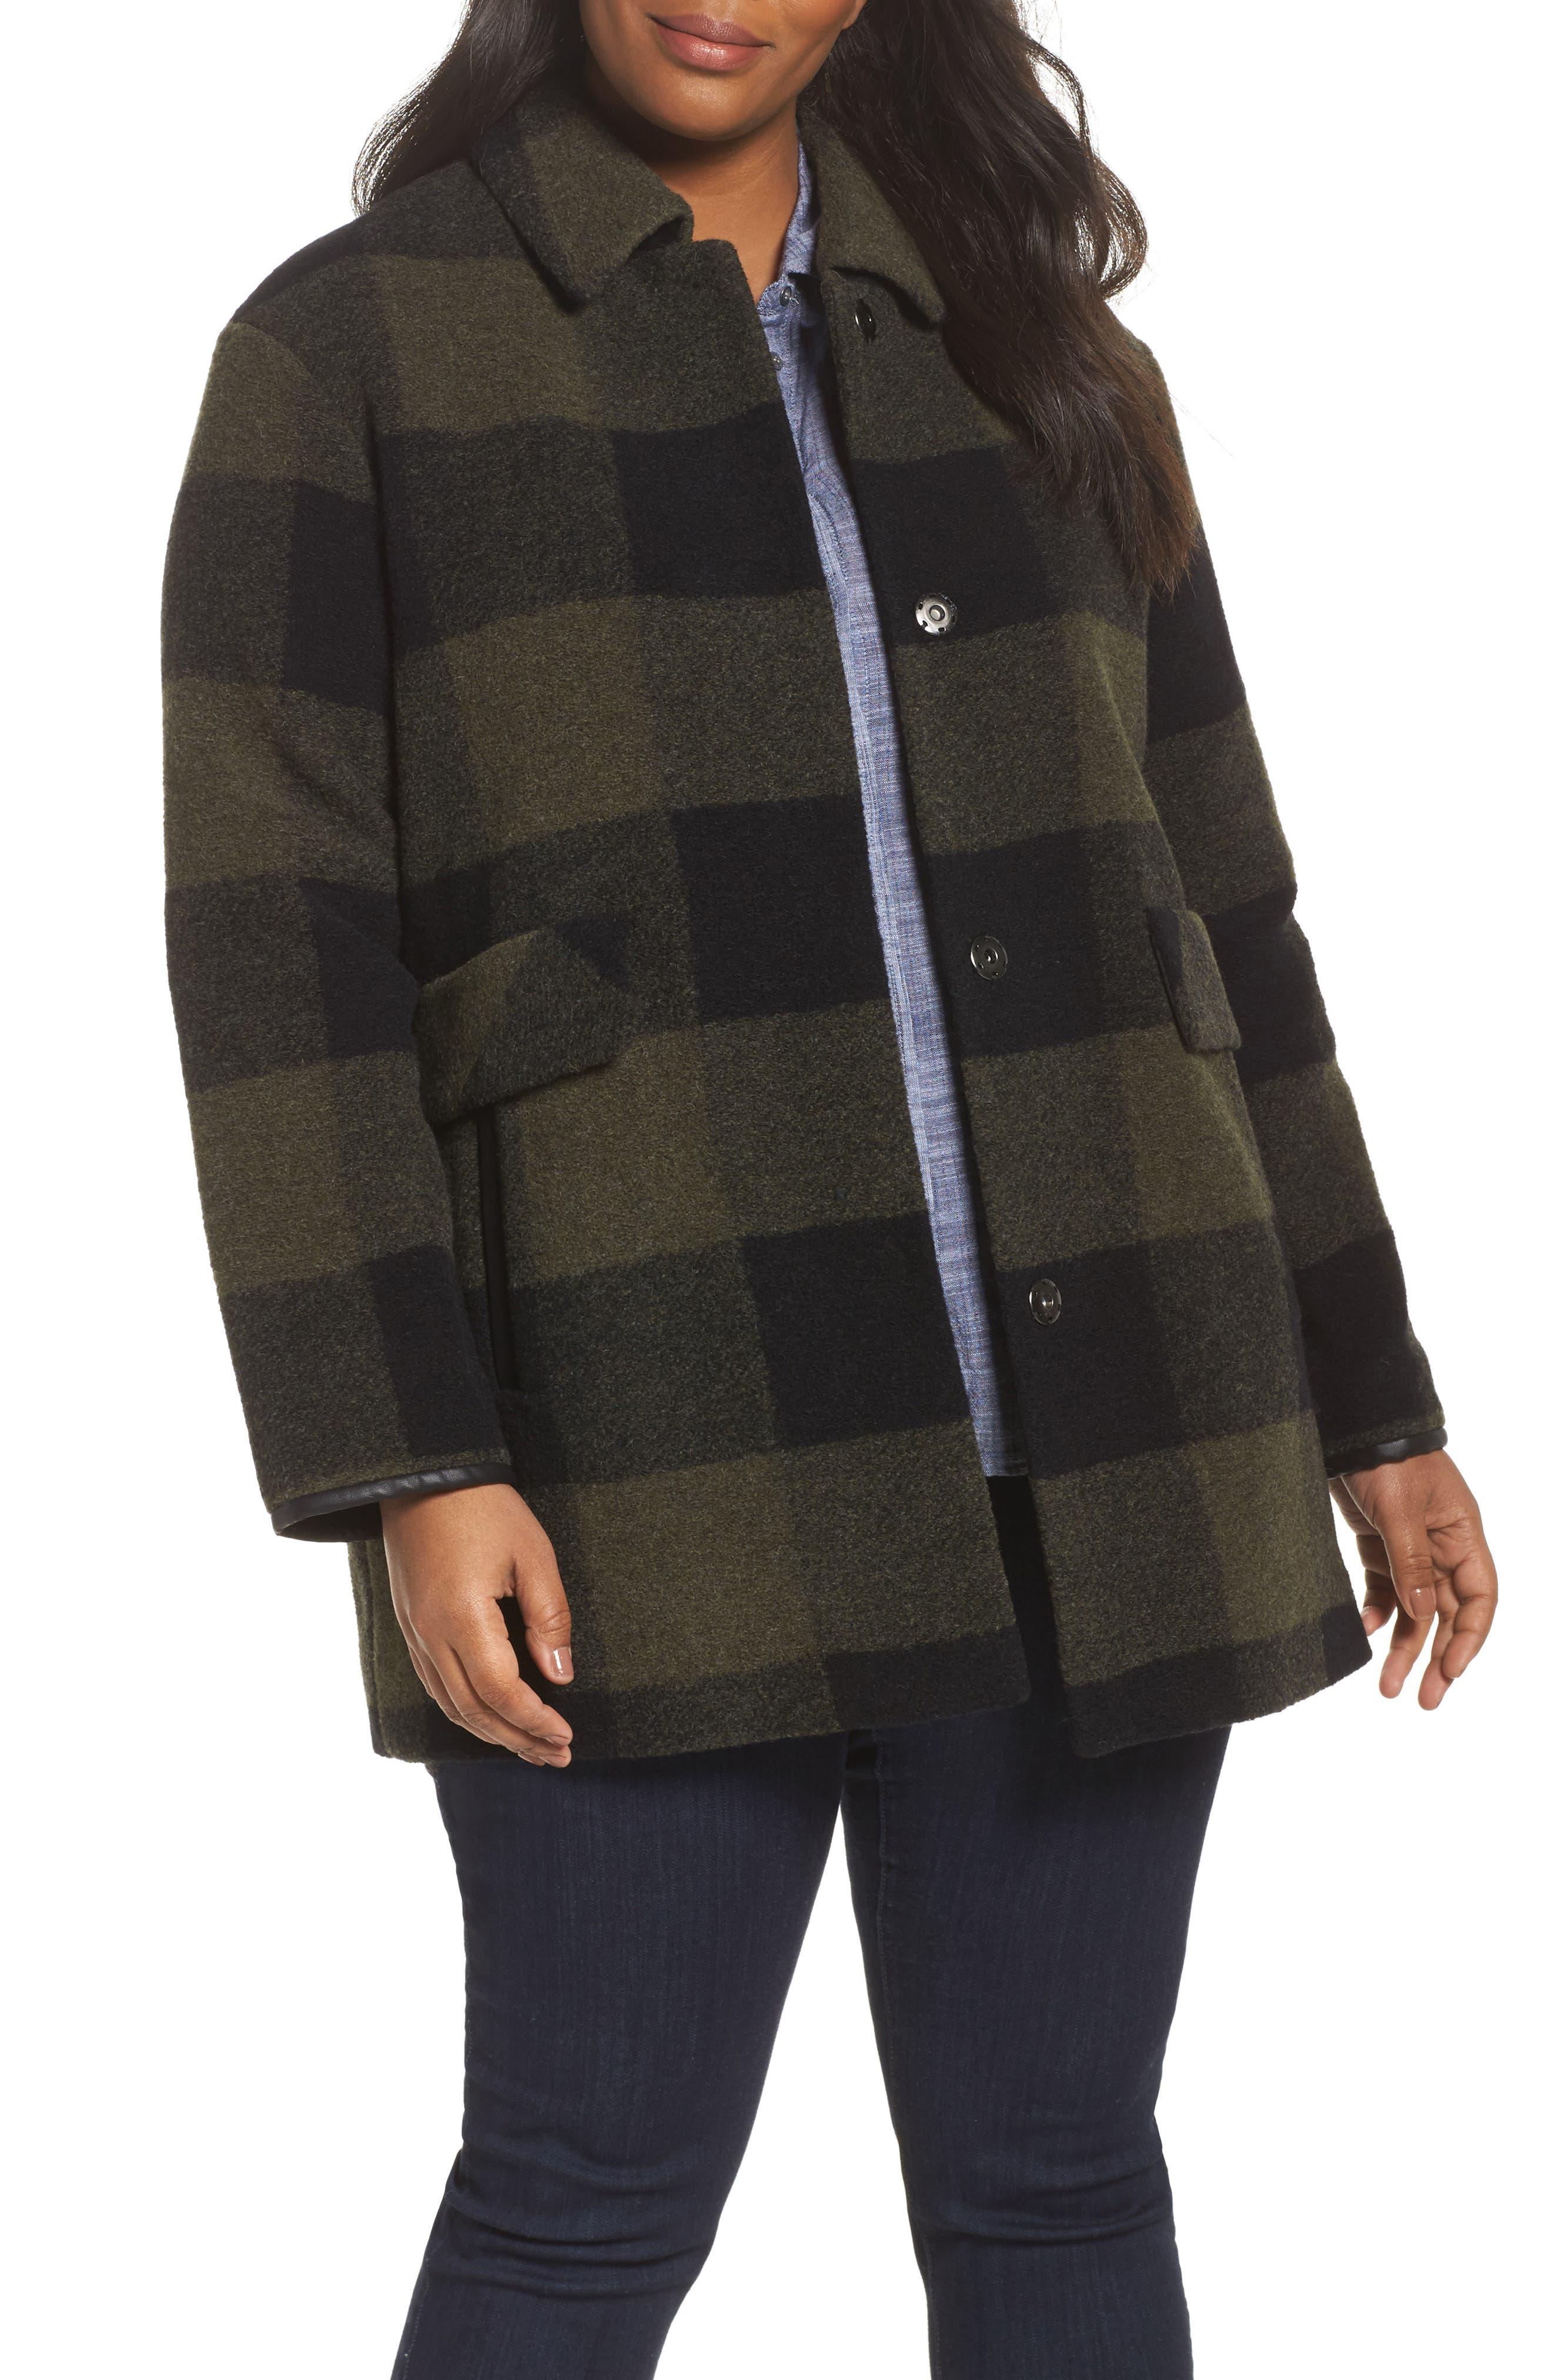 Paul Bunyan Plaid Wool Blend Barn Coat,                             Main thumbnail 1, color,                             Olive/ Buff